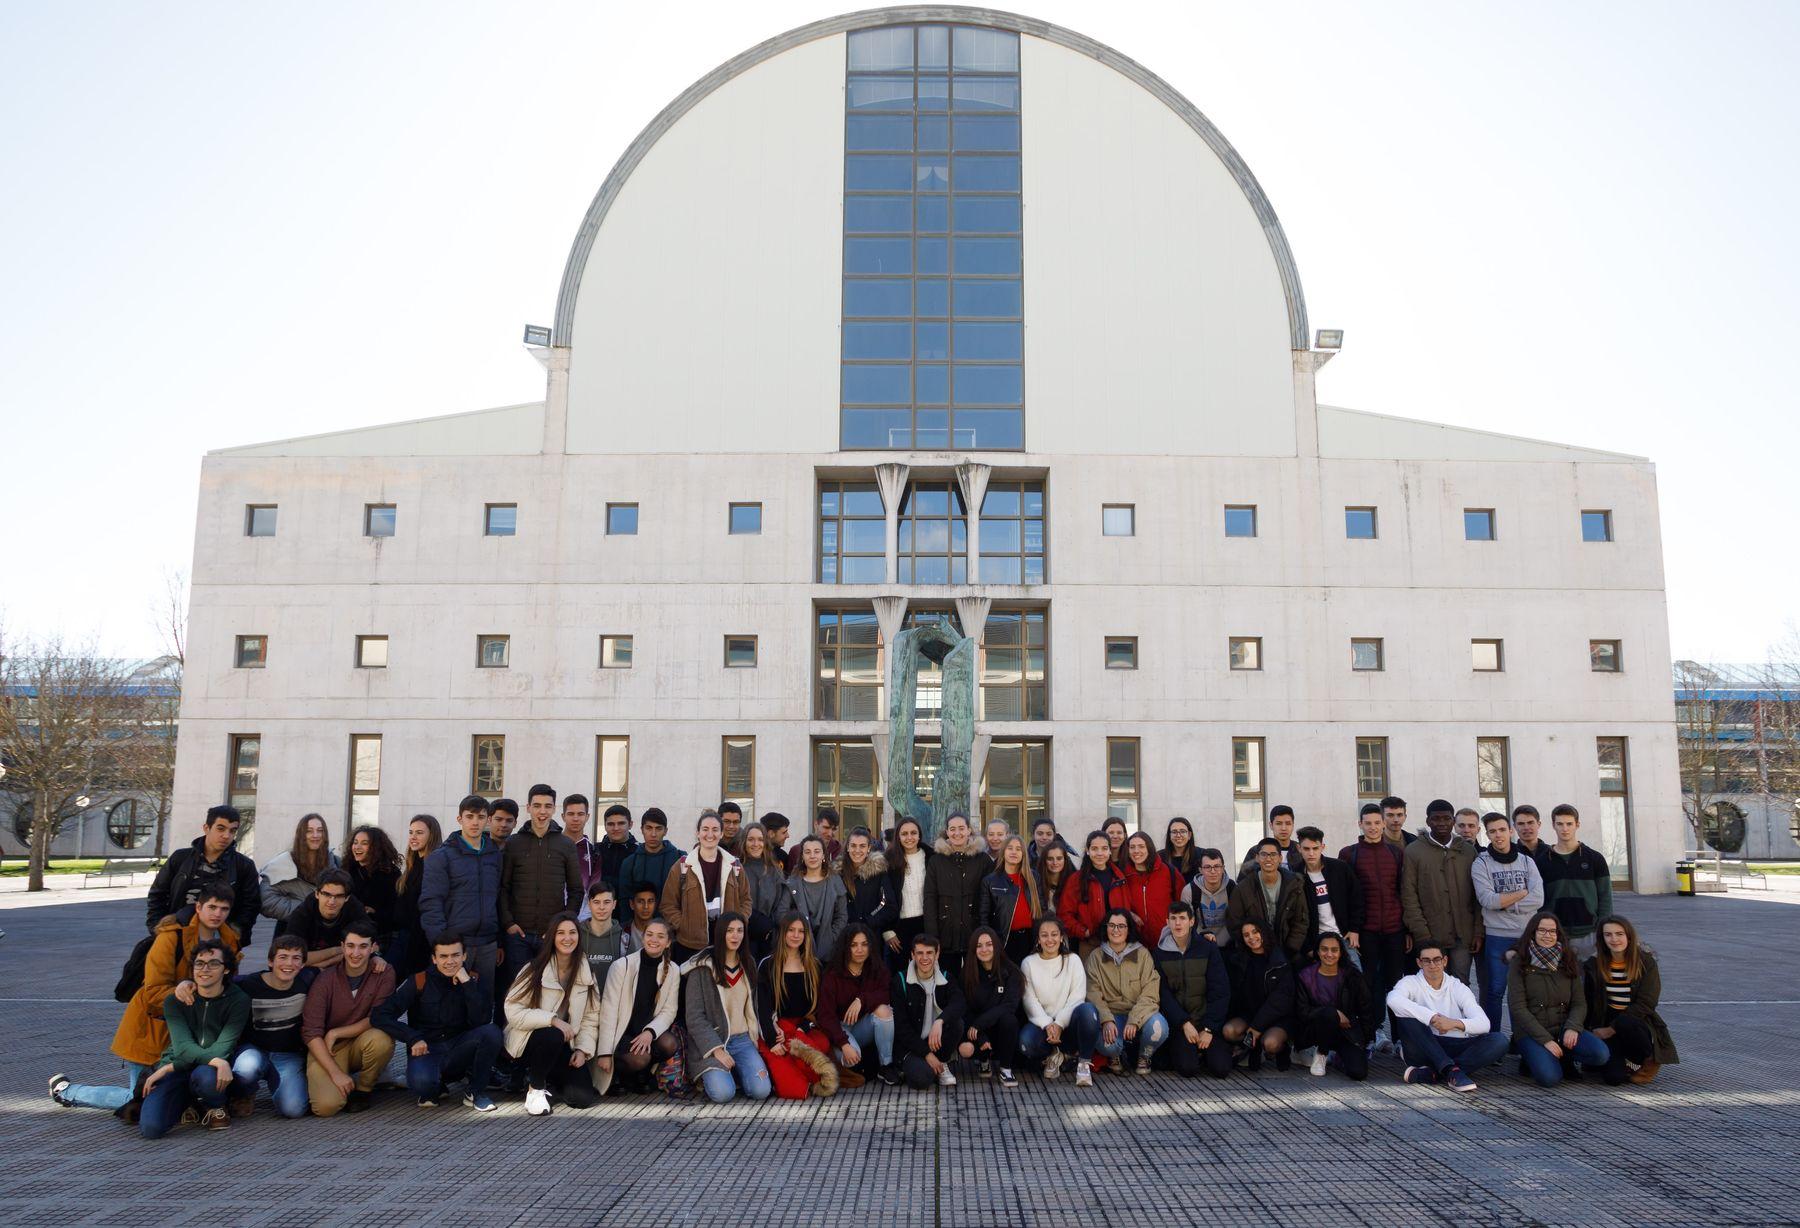 Estudiantes del Colegio Santa María la Real posan en el campus de Arrosadia de la UPNA.